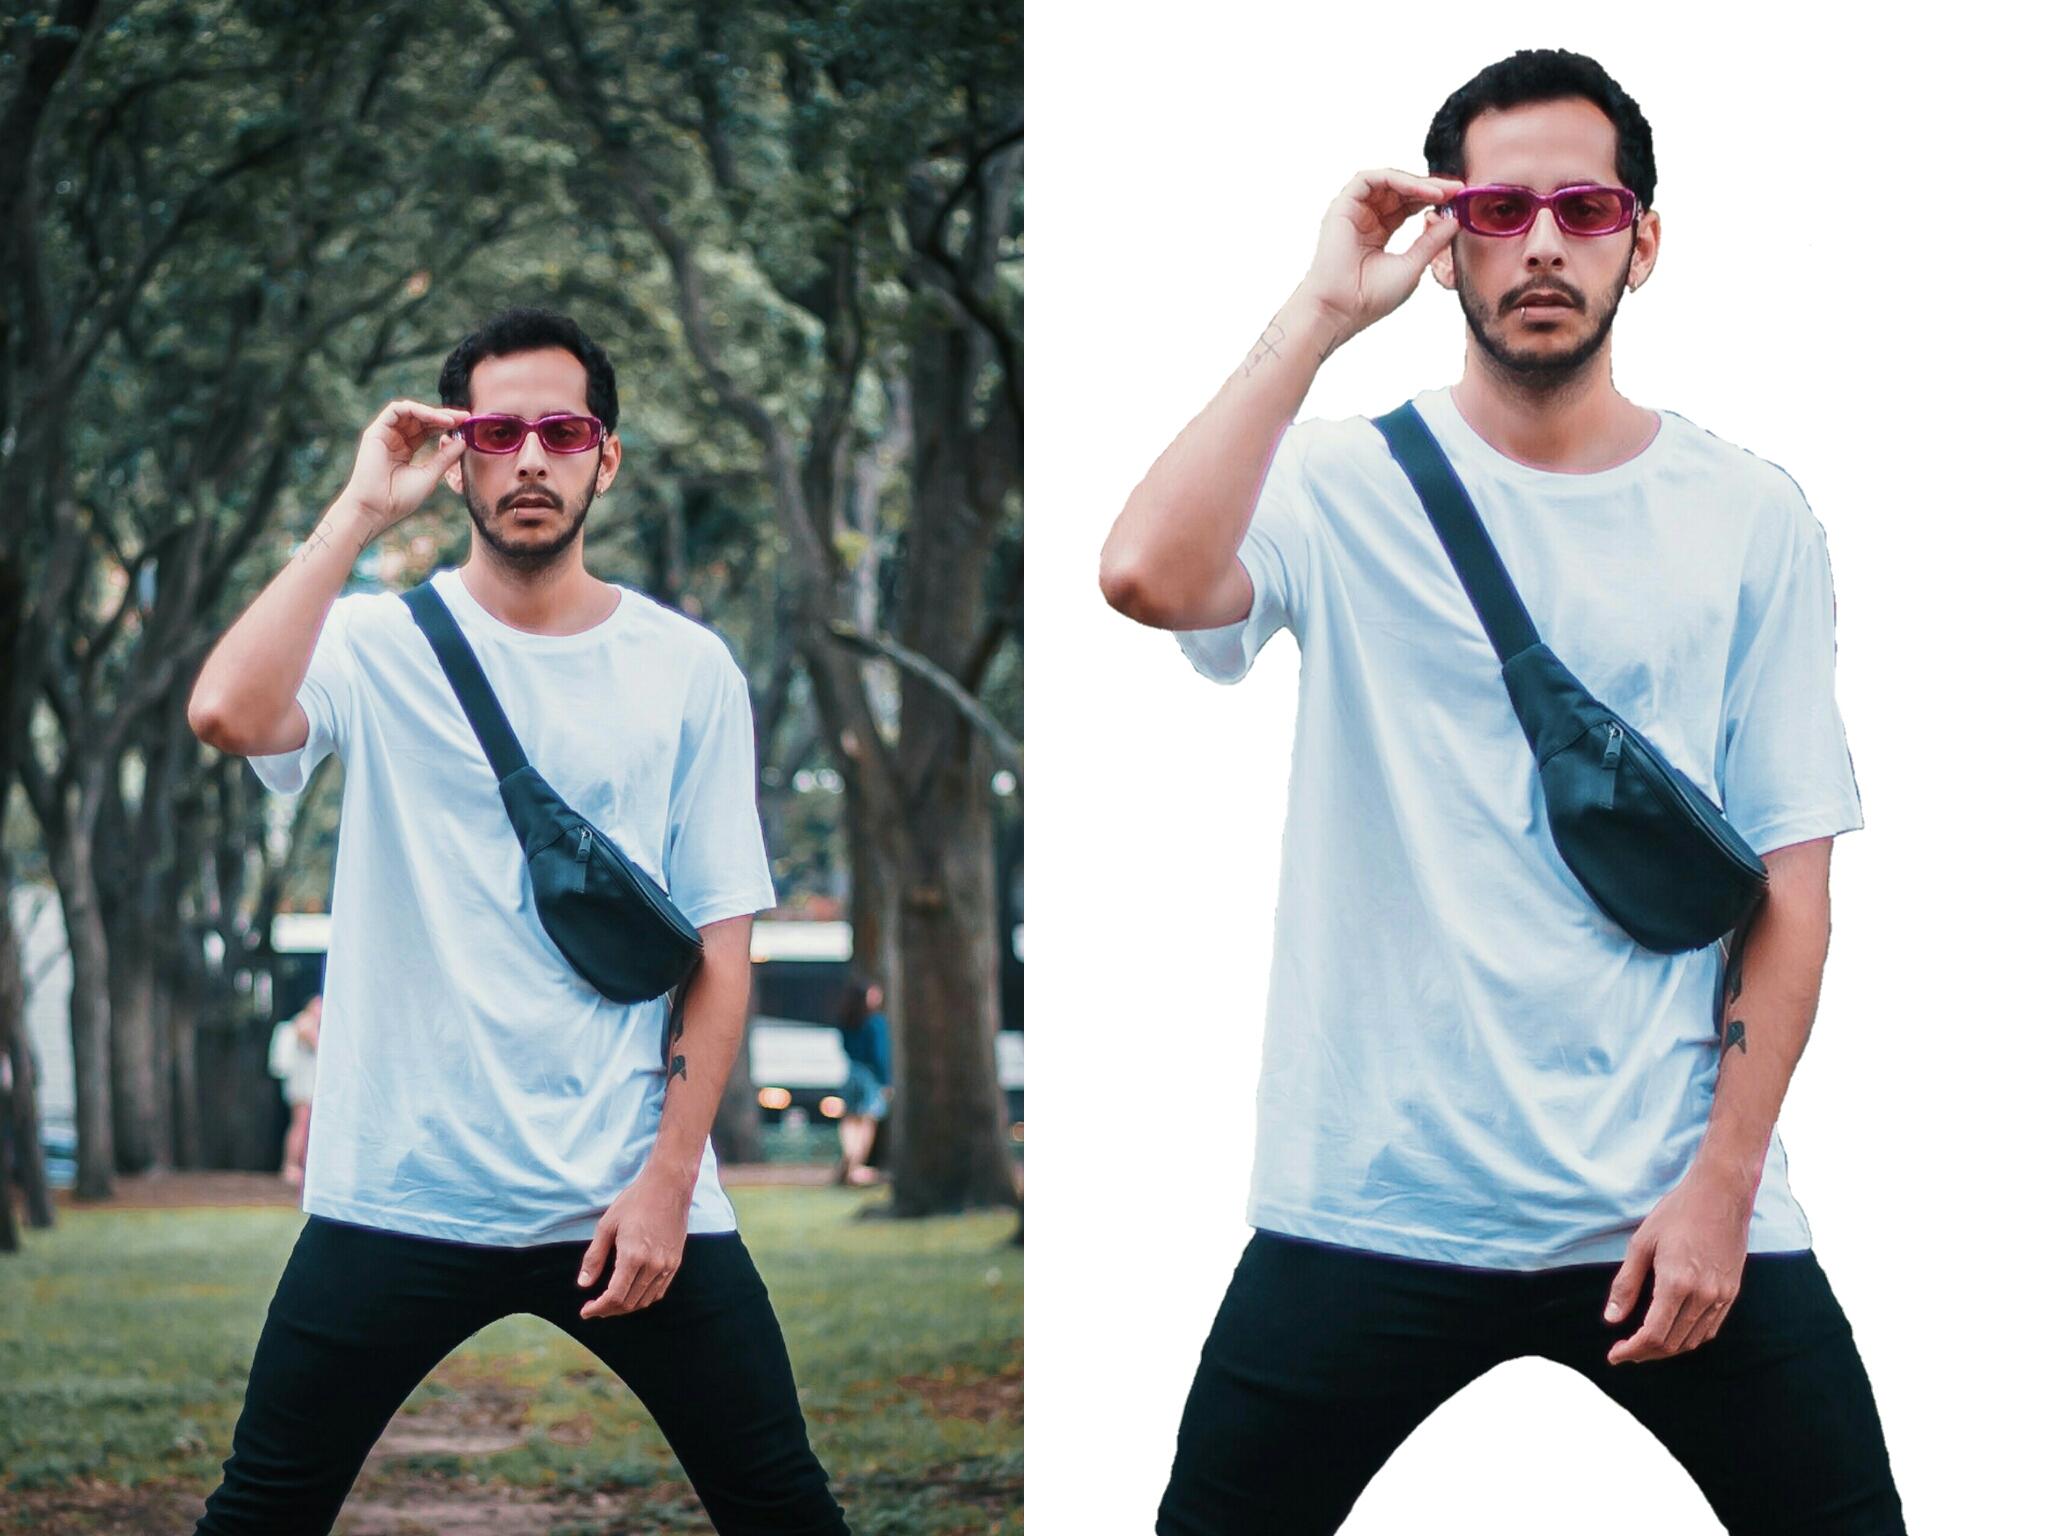 تحويل و تصميم خلفية اي صورة الى شفافة او بيضاء مستقل